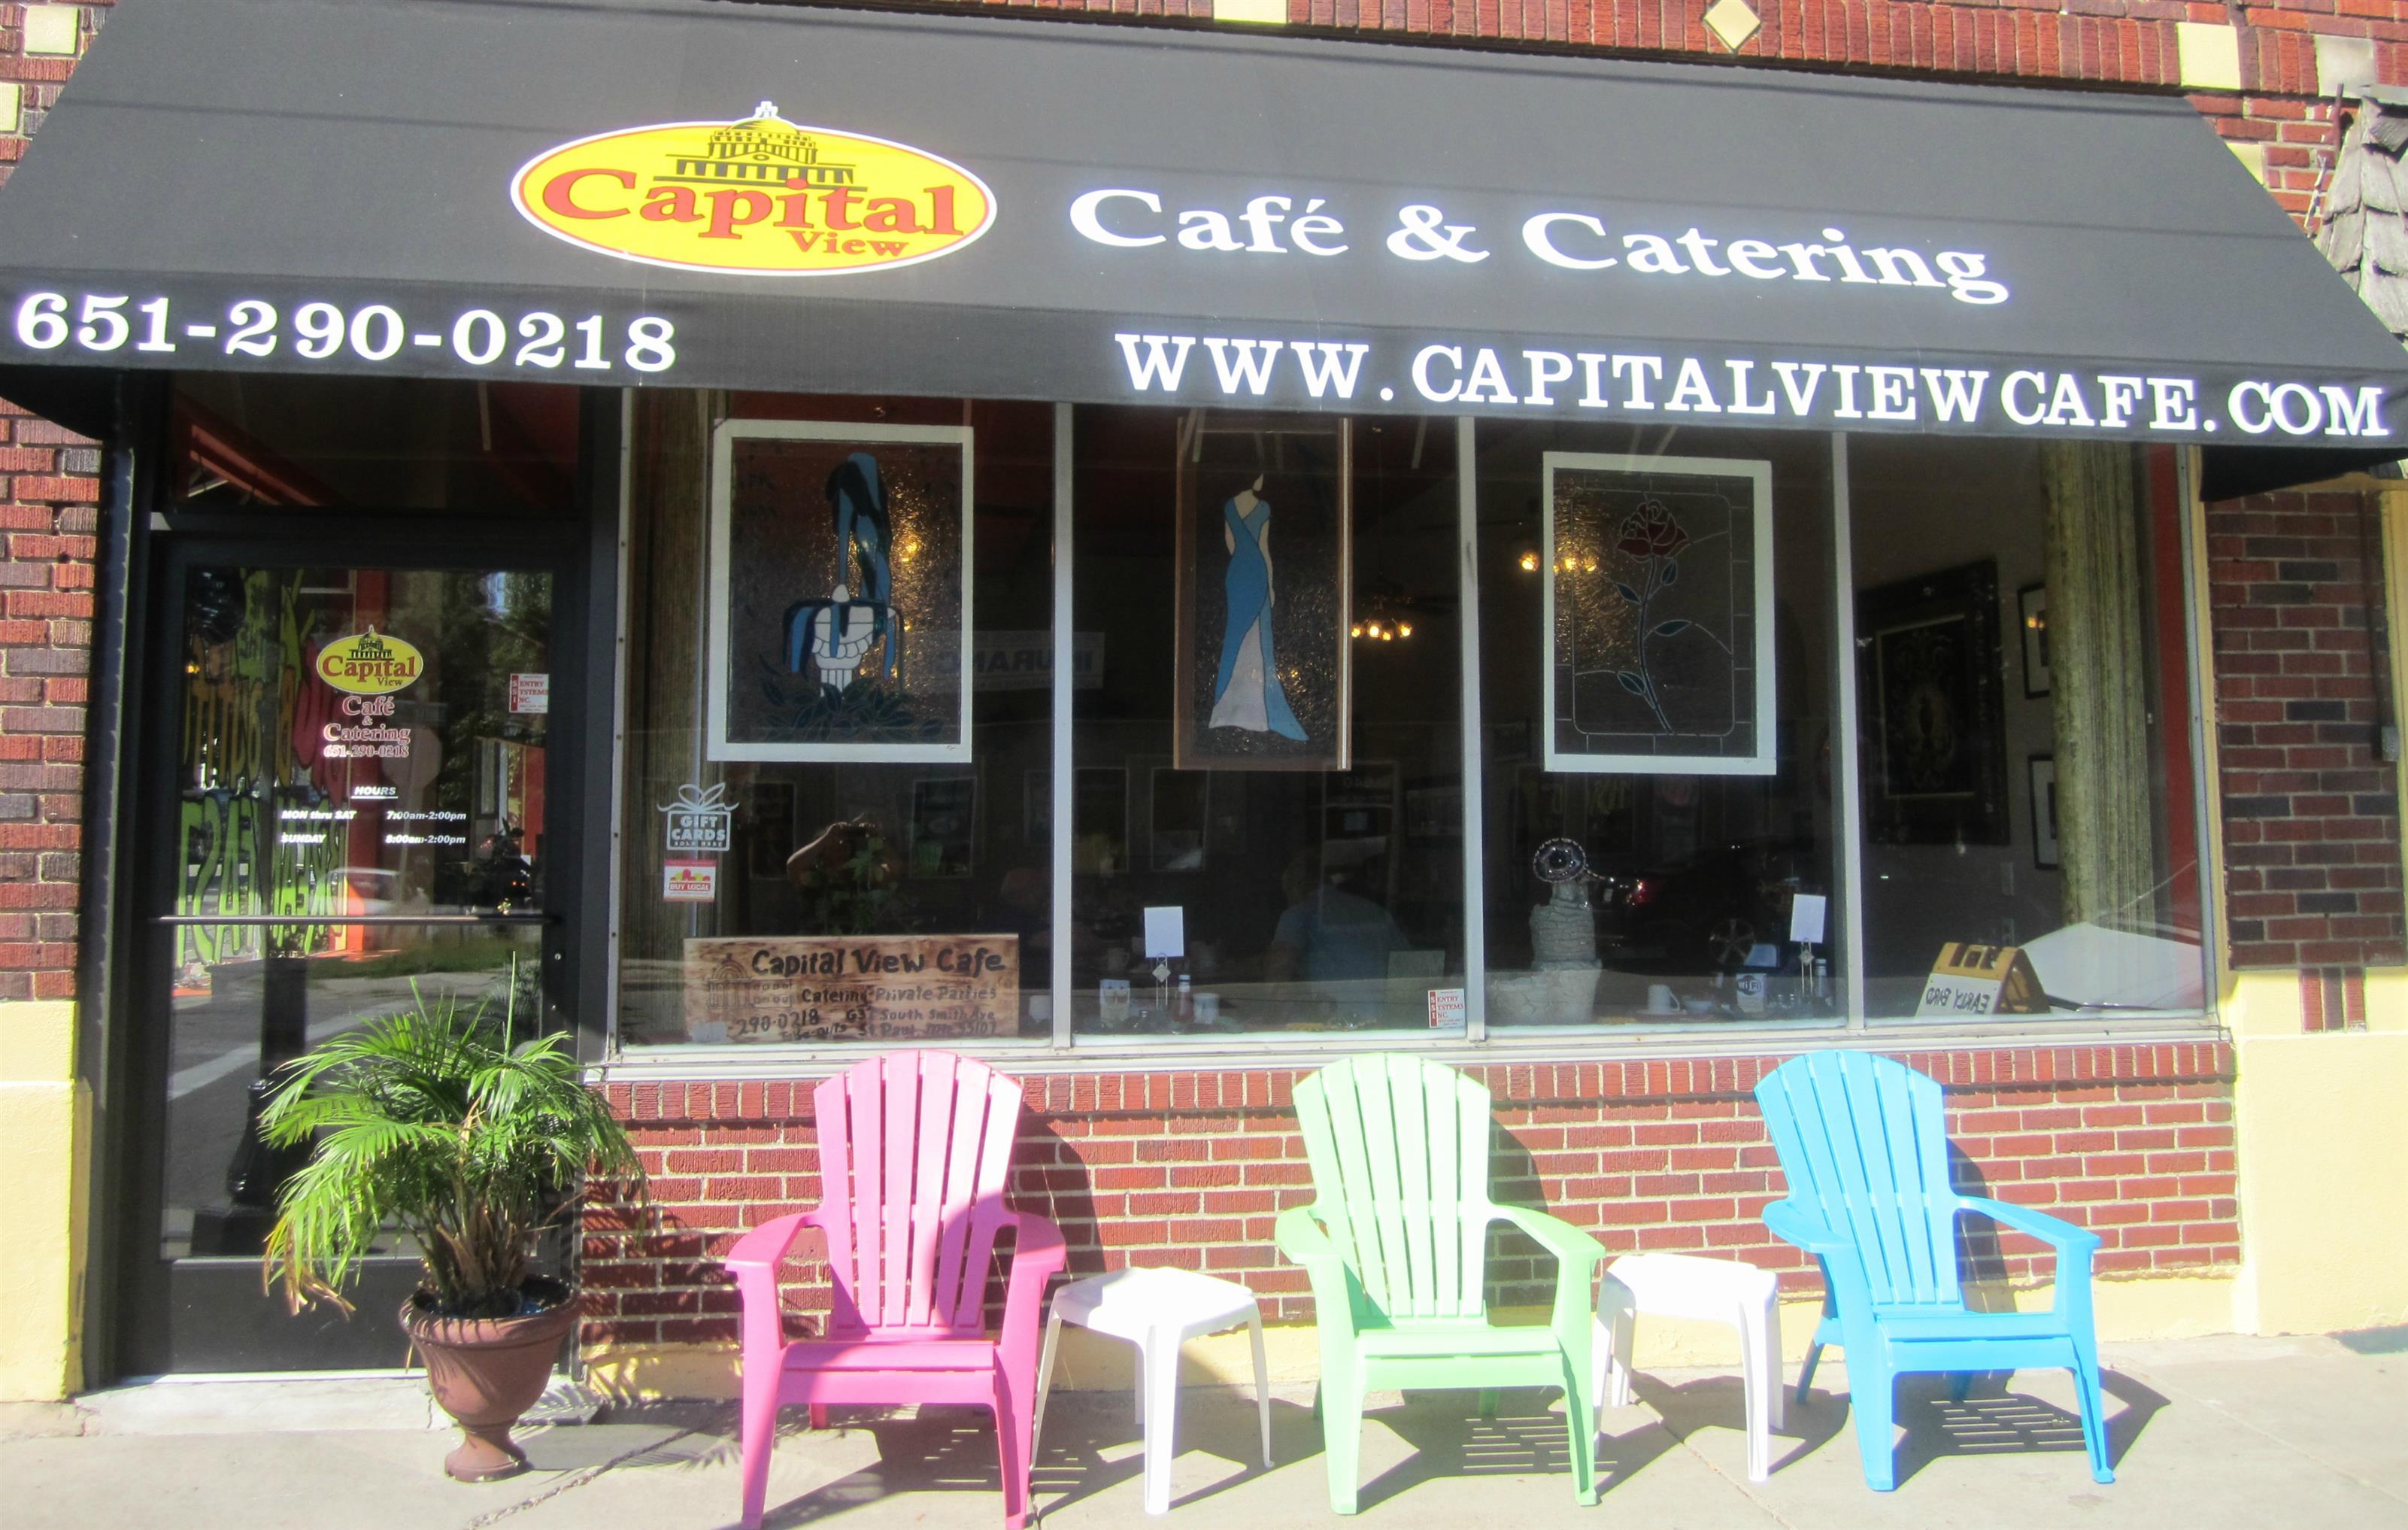 Capital View Café